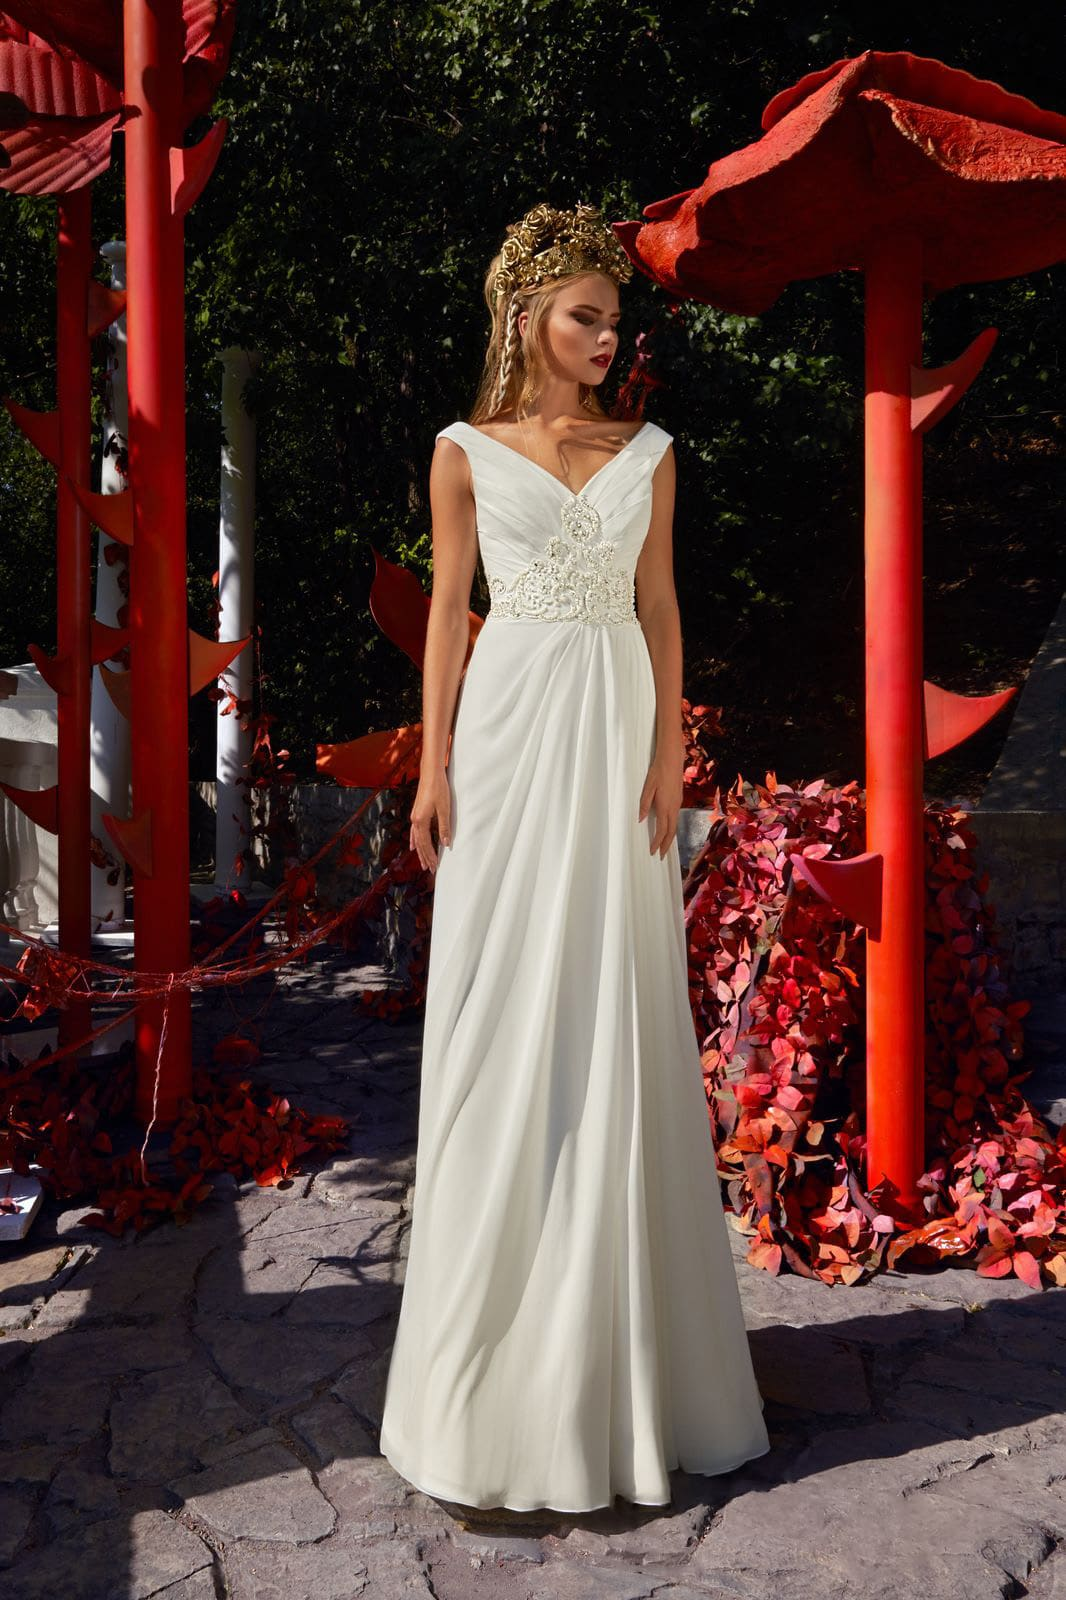 d3e9bd152db Свадебное платье в греческом стиле Lorange arley. Купить свадебное ...